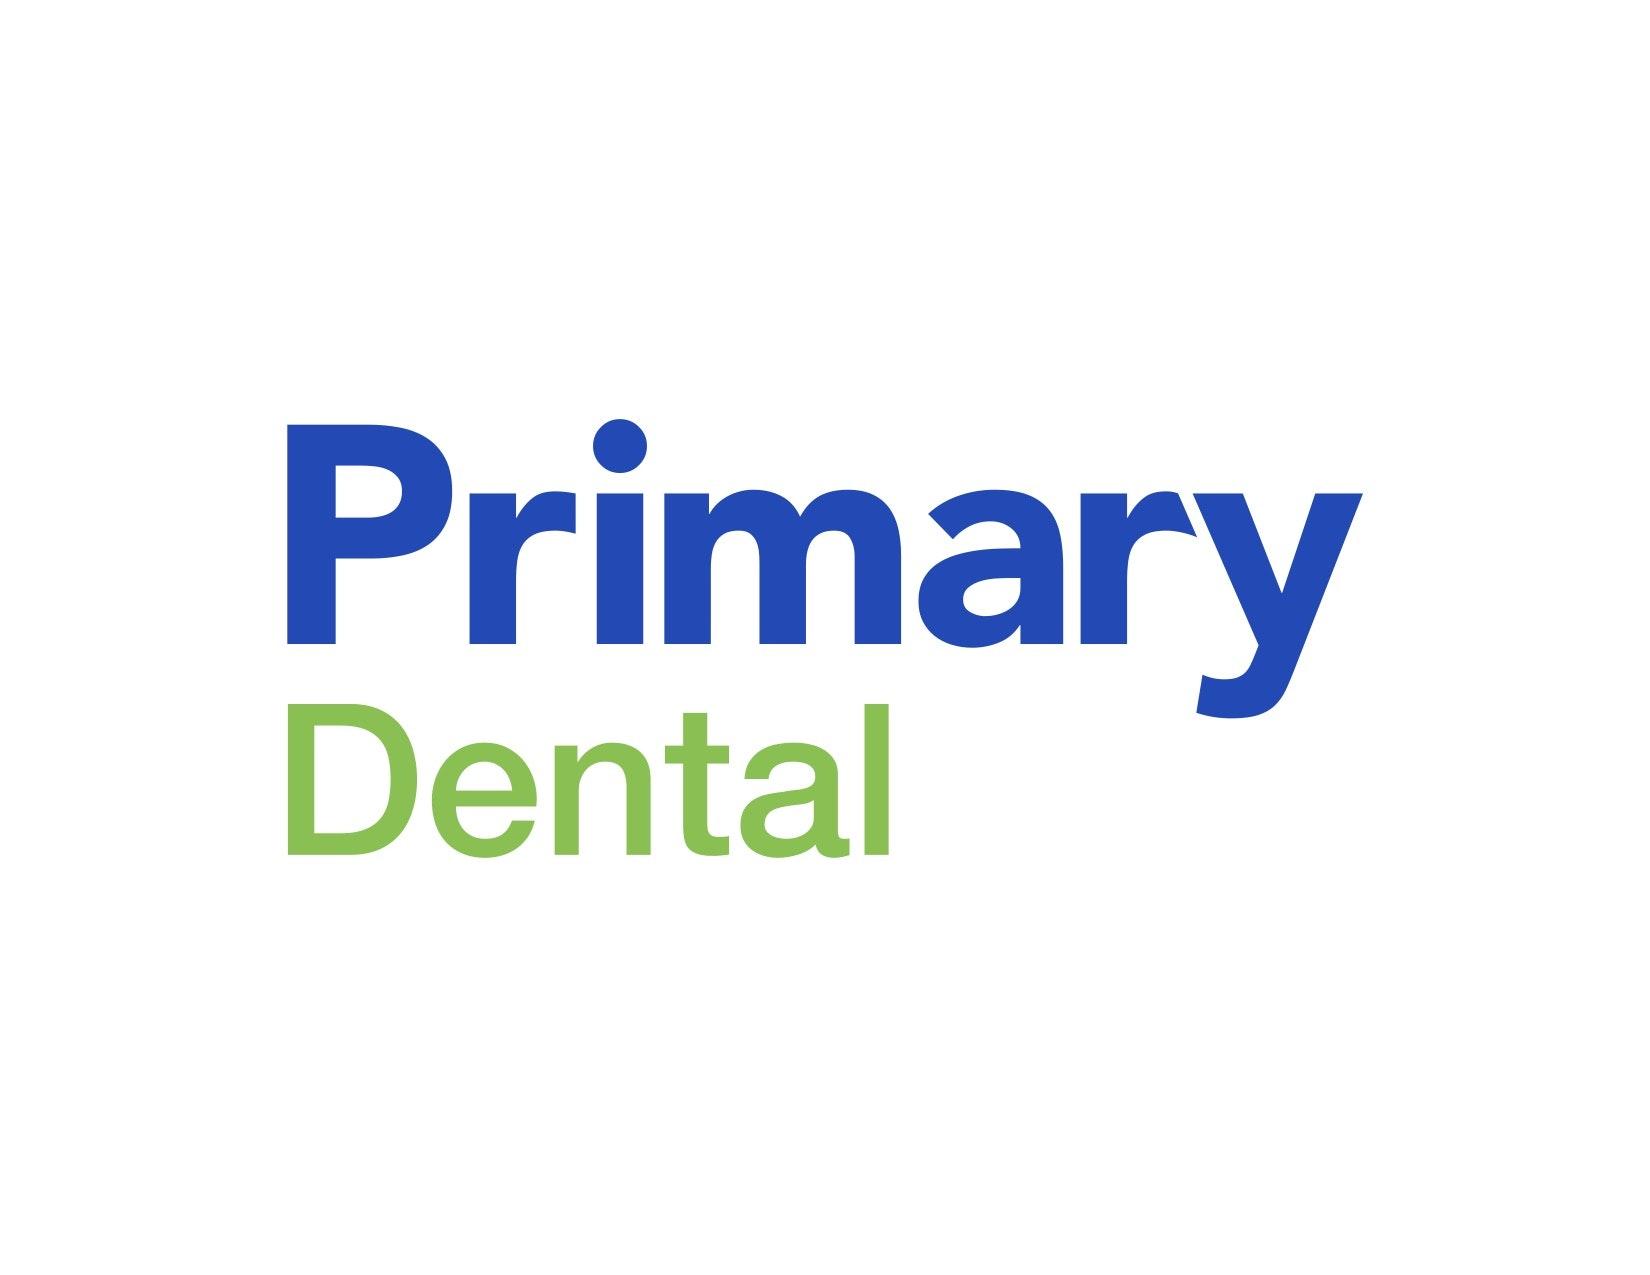 Primary Old Port Road Medical & Dental Centre (Primary Dental)